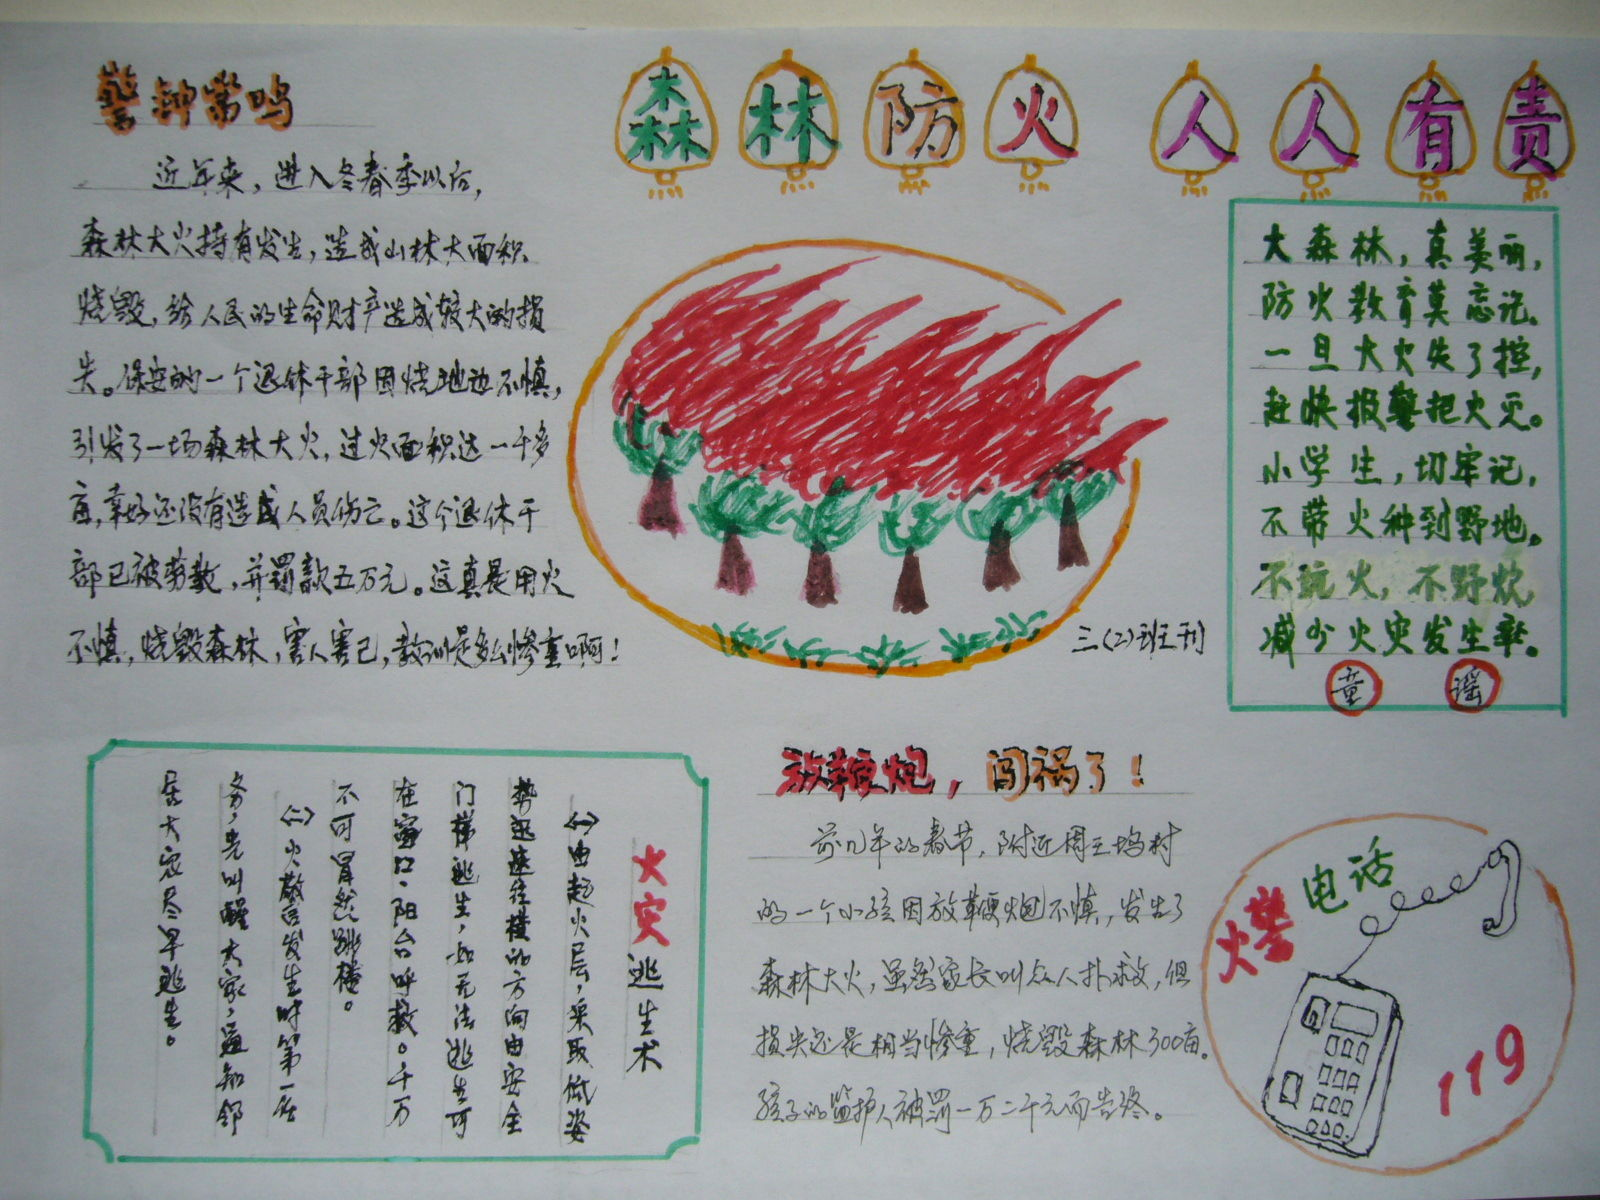 消防安全知识手抄报图片:森林防火 人人有责图片